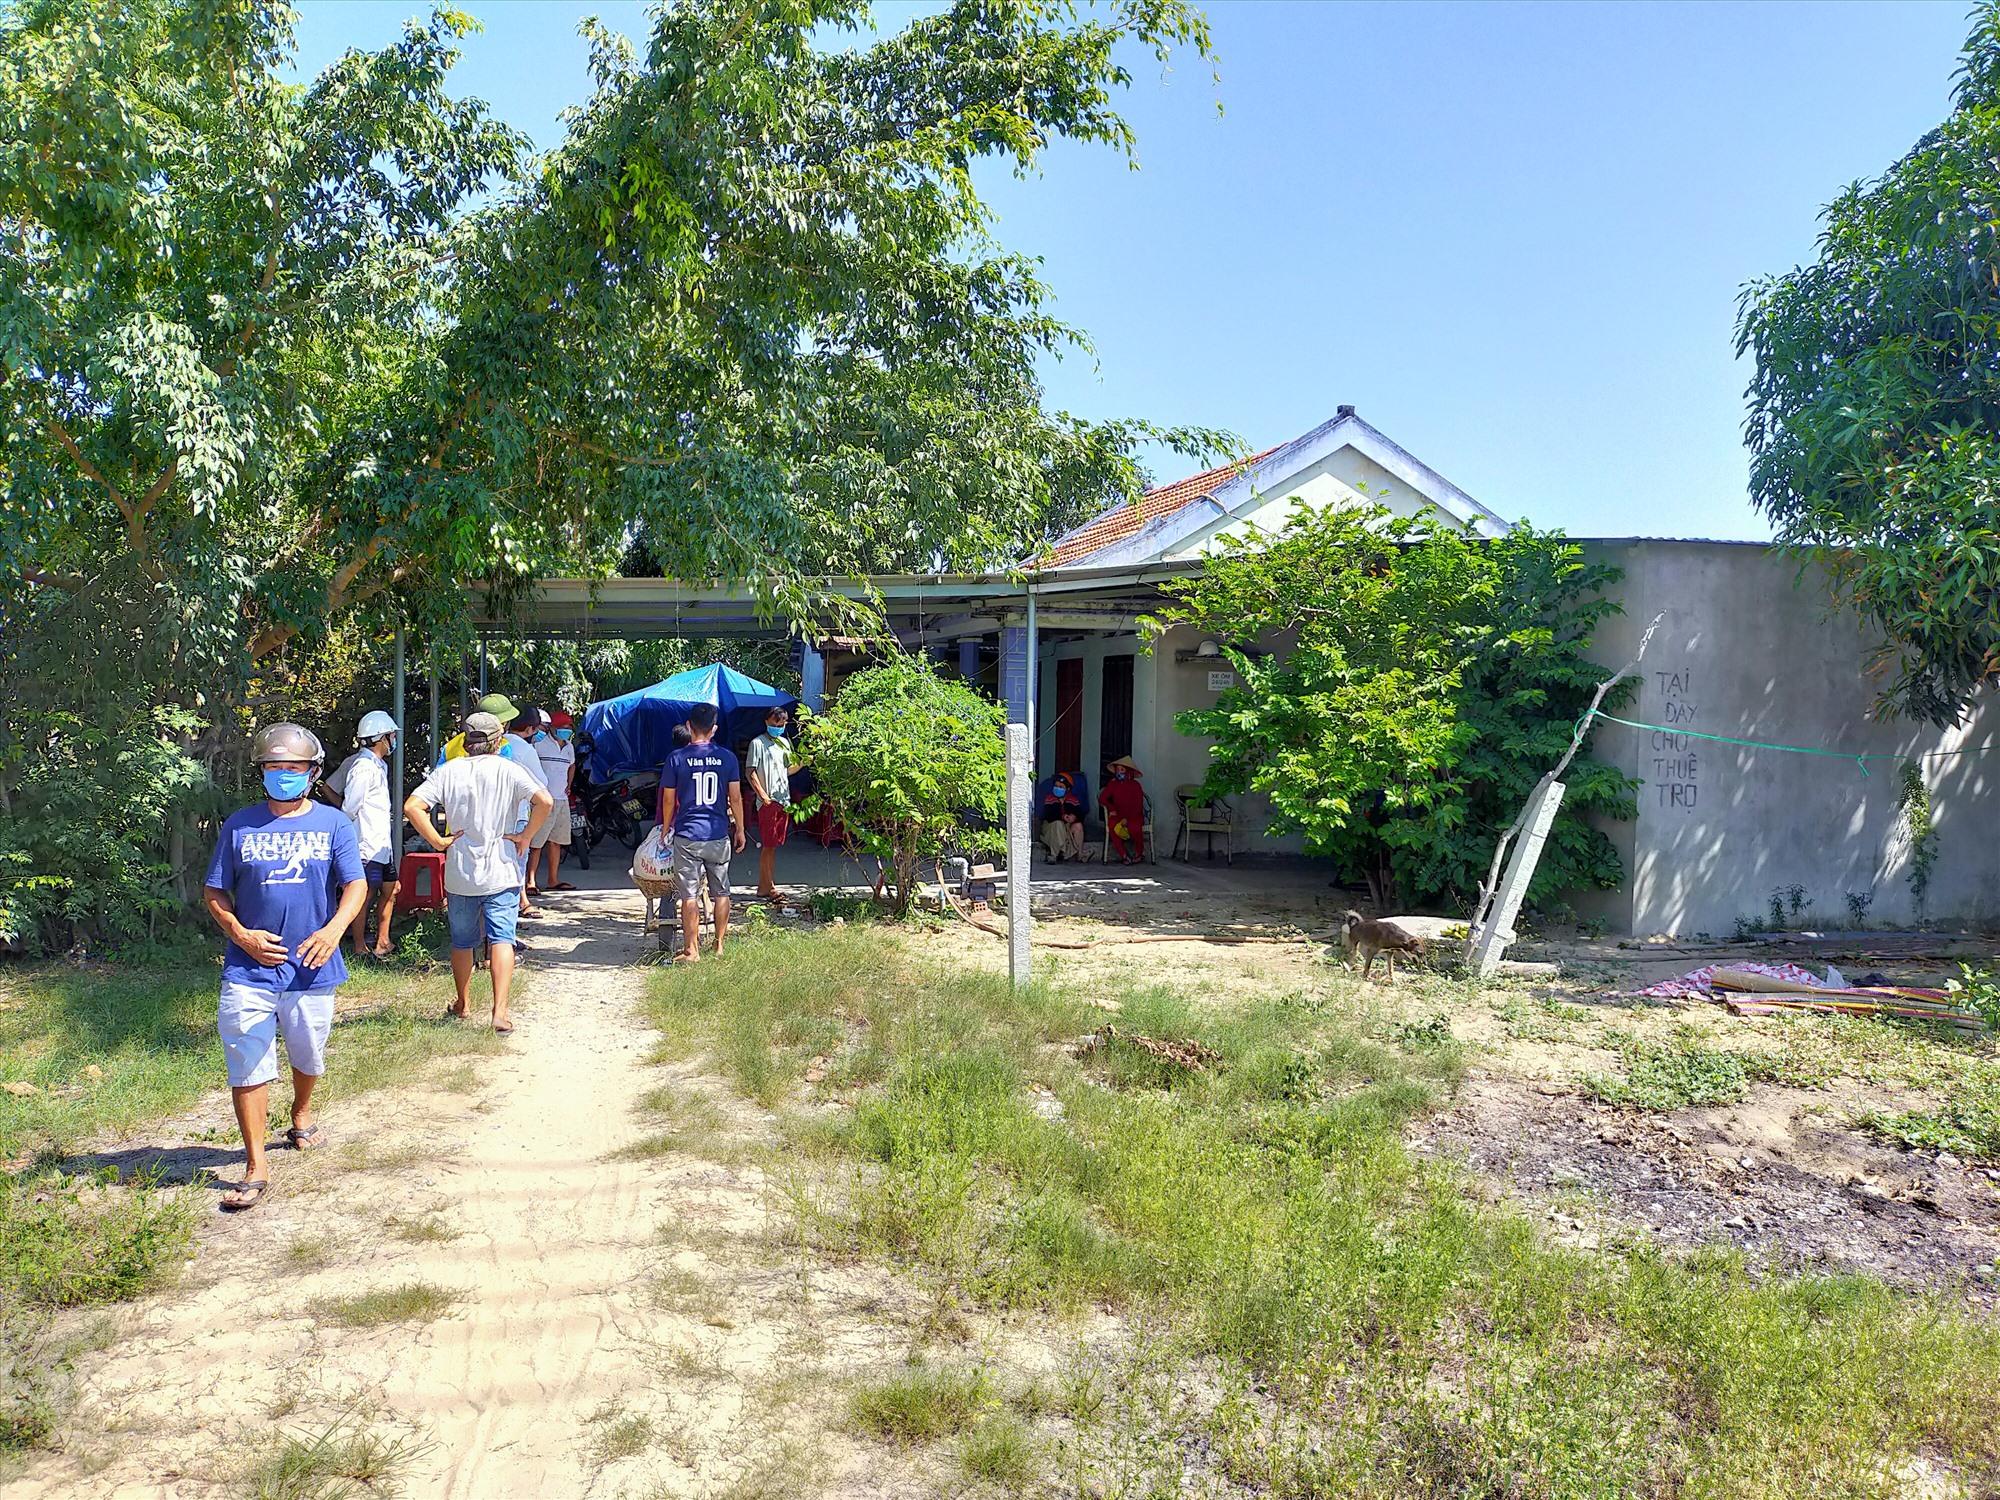 Căn nhà nơi xảy ra vụ án mạng làm 1 người chết.